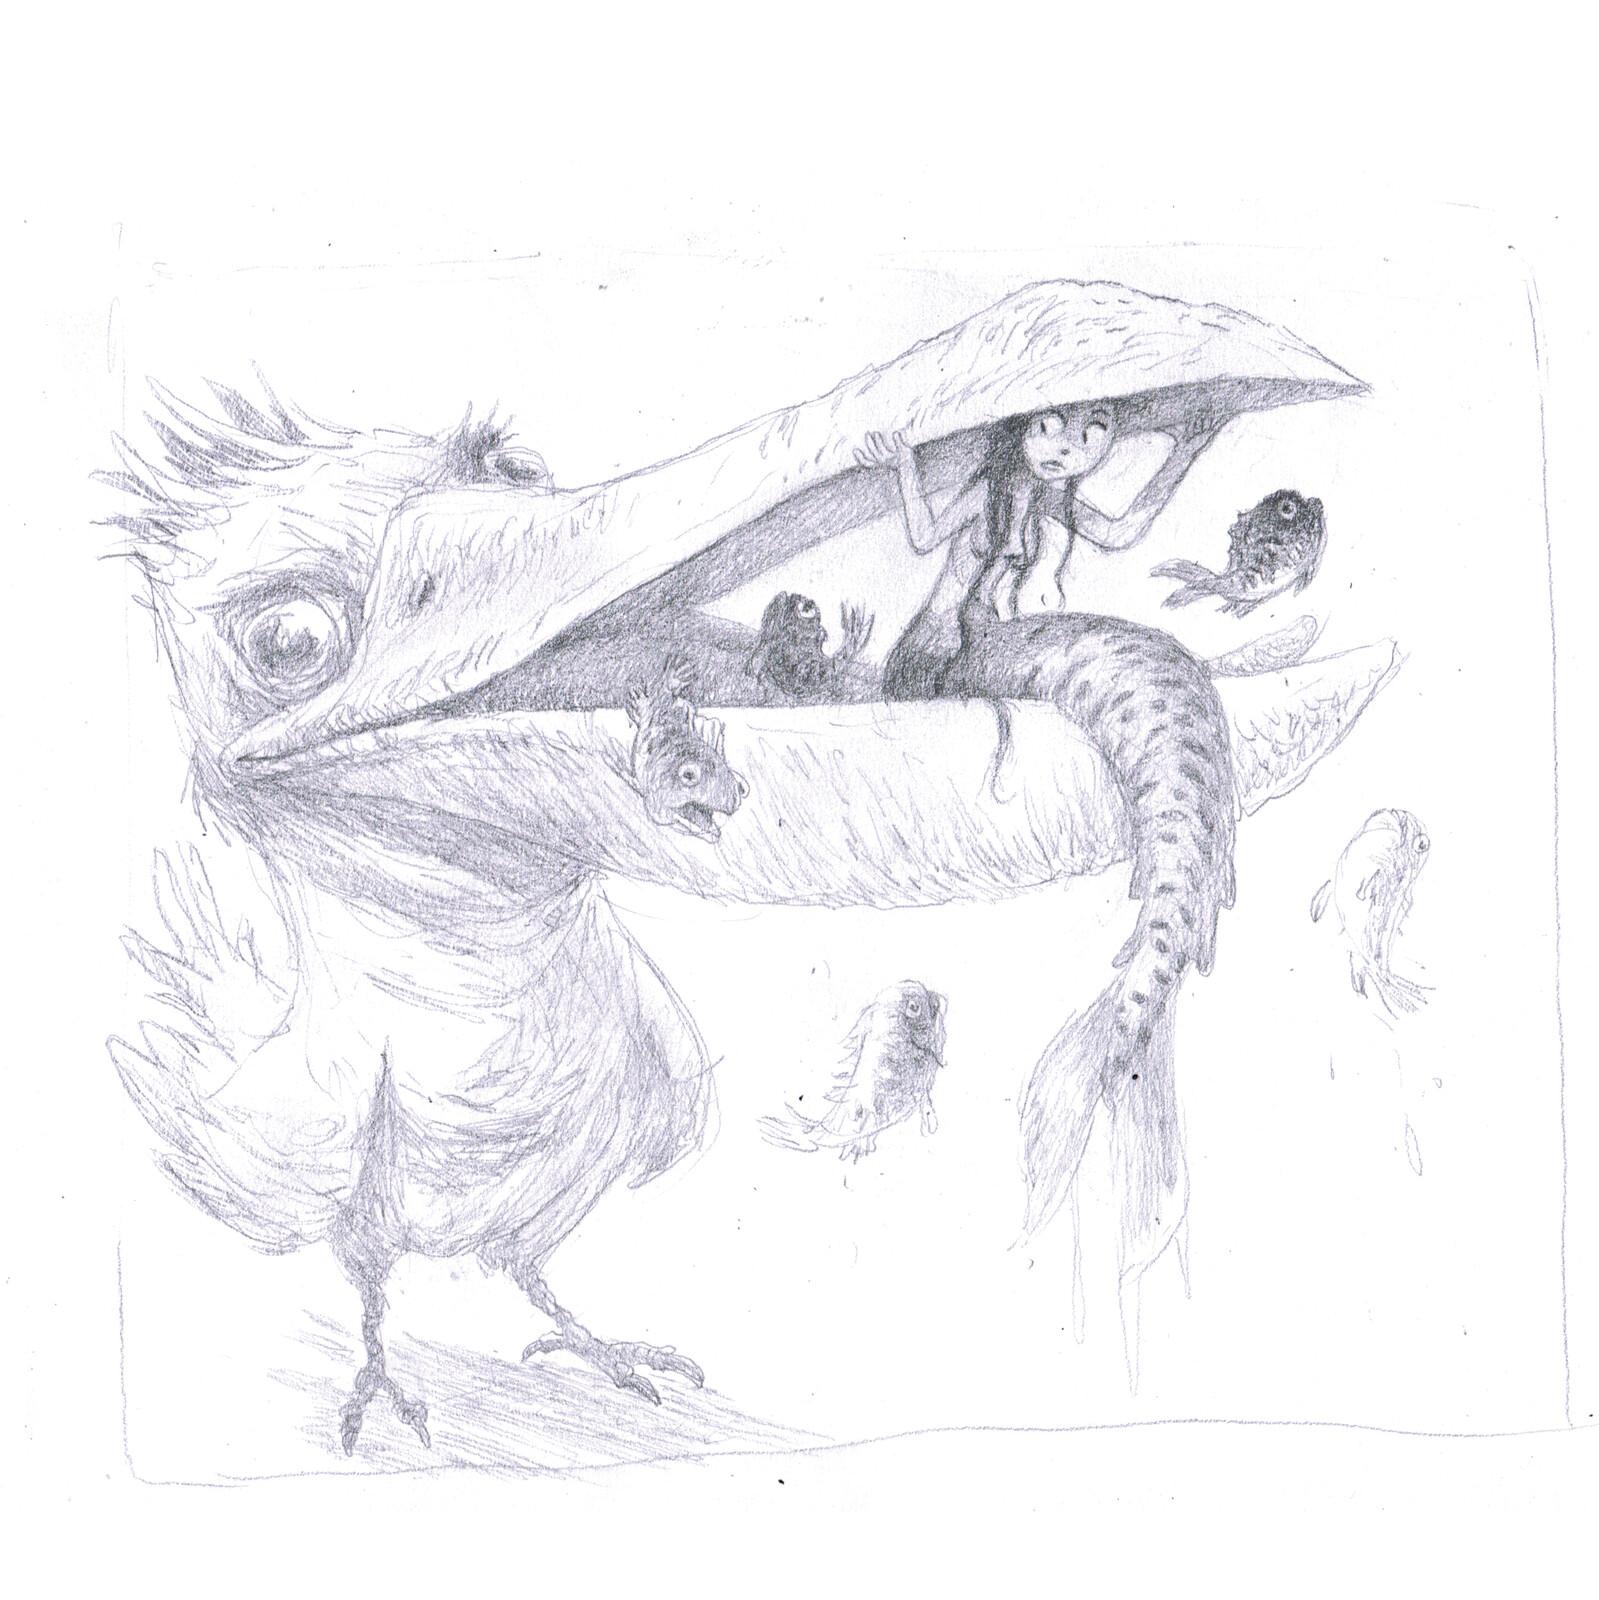 Mermay sketch